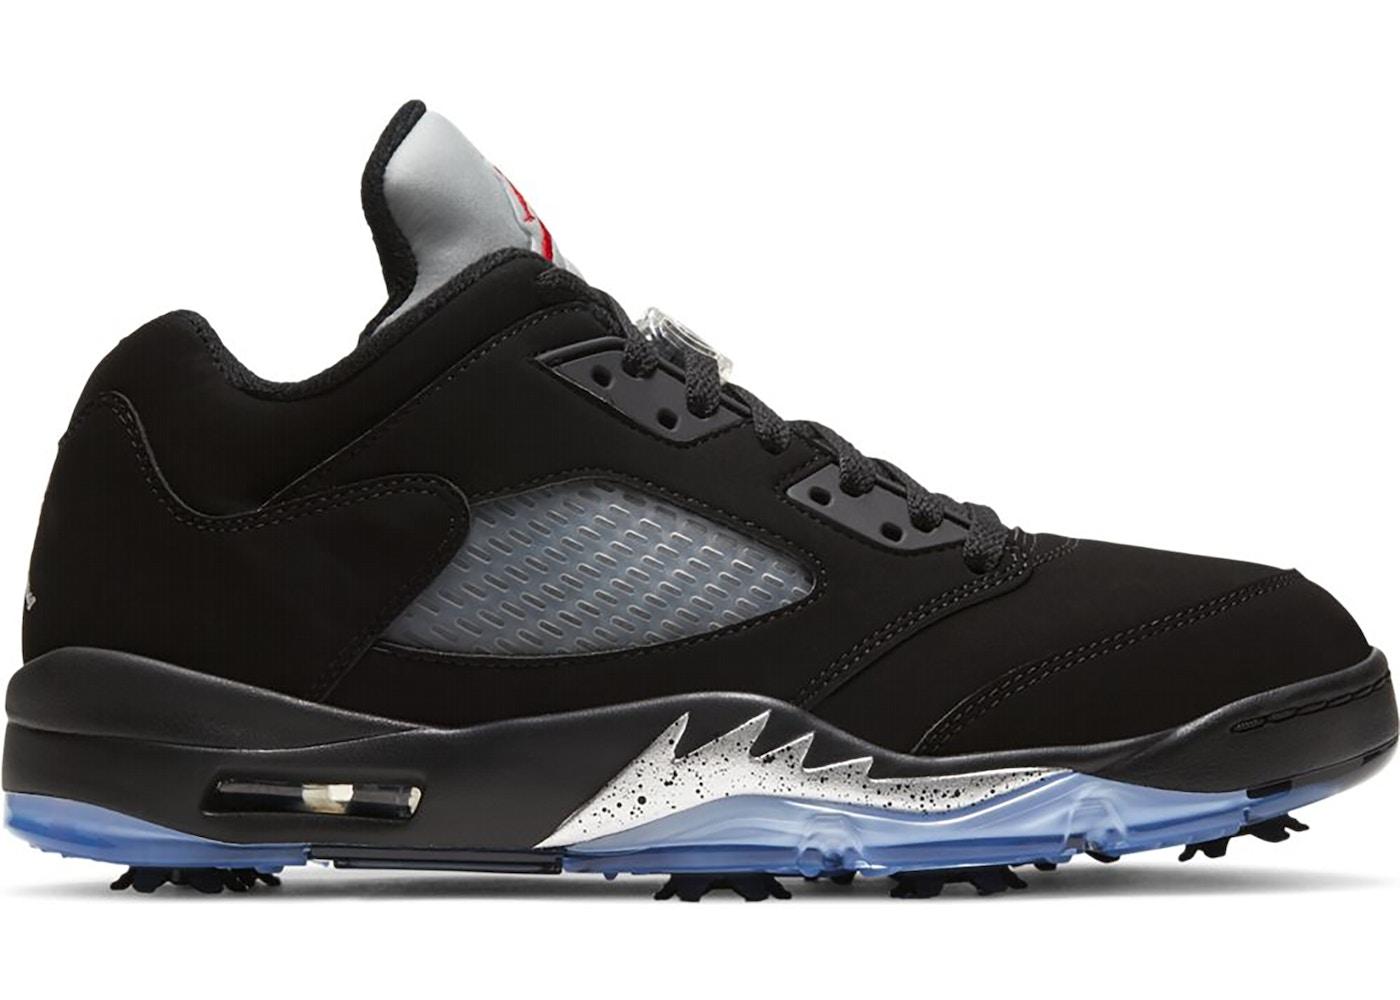 Air Jordan 5 Retro Low Golf Black Metallic - CU4523-003